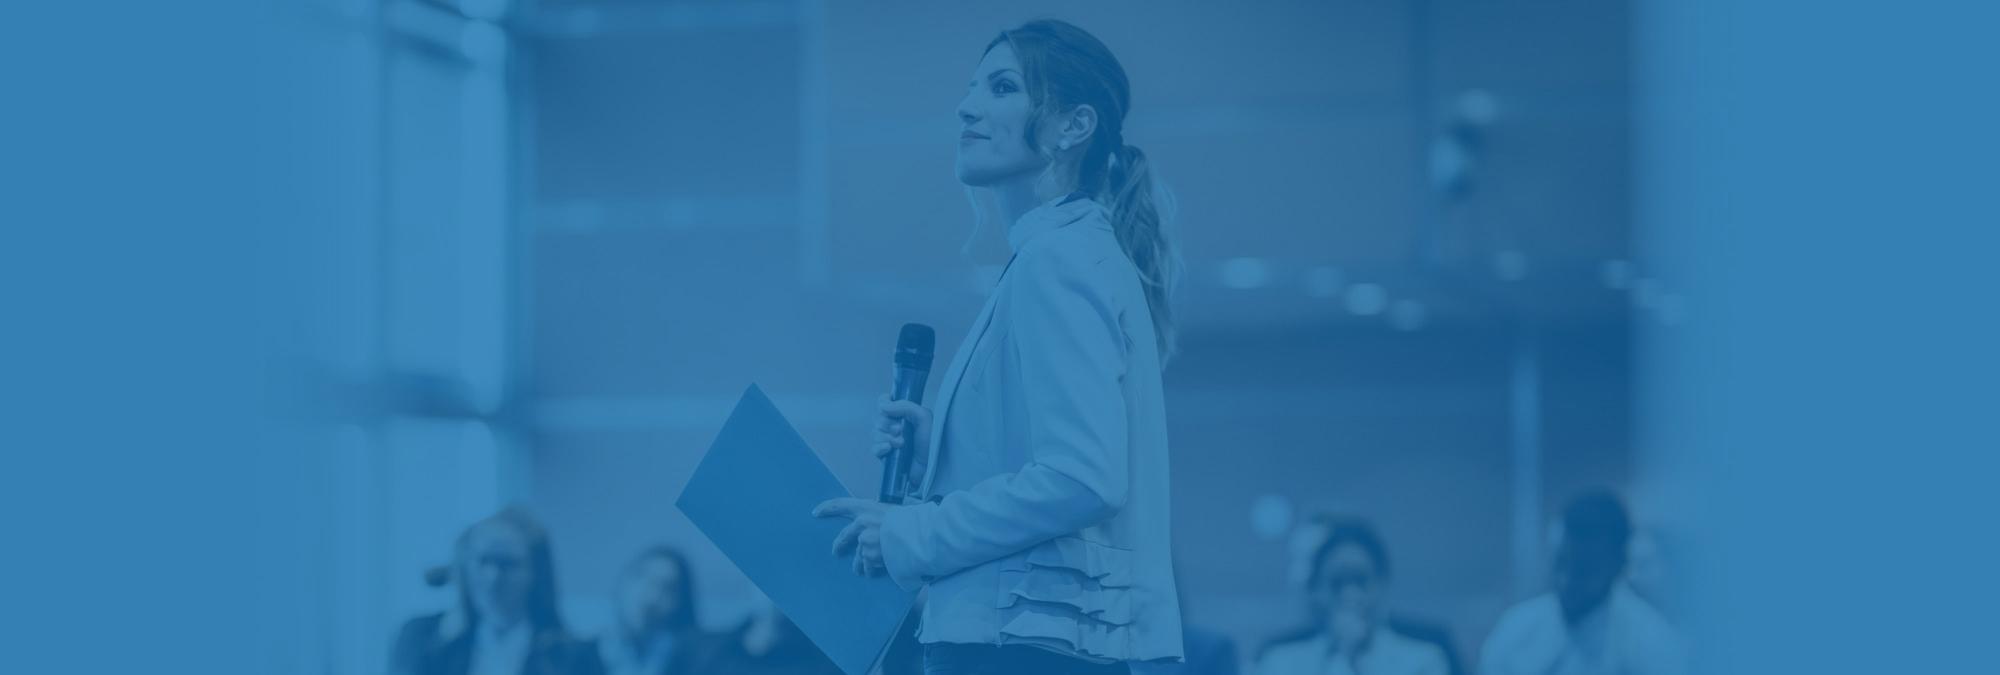 Savoir prendre la parole en public pour chef d'entreprise